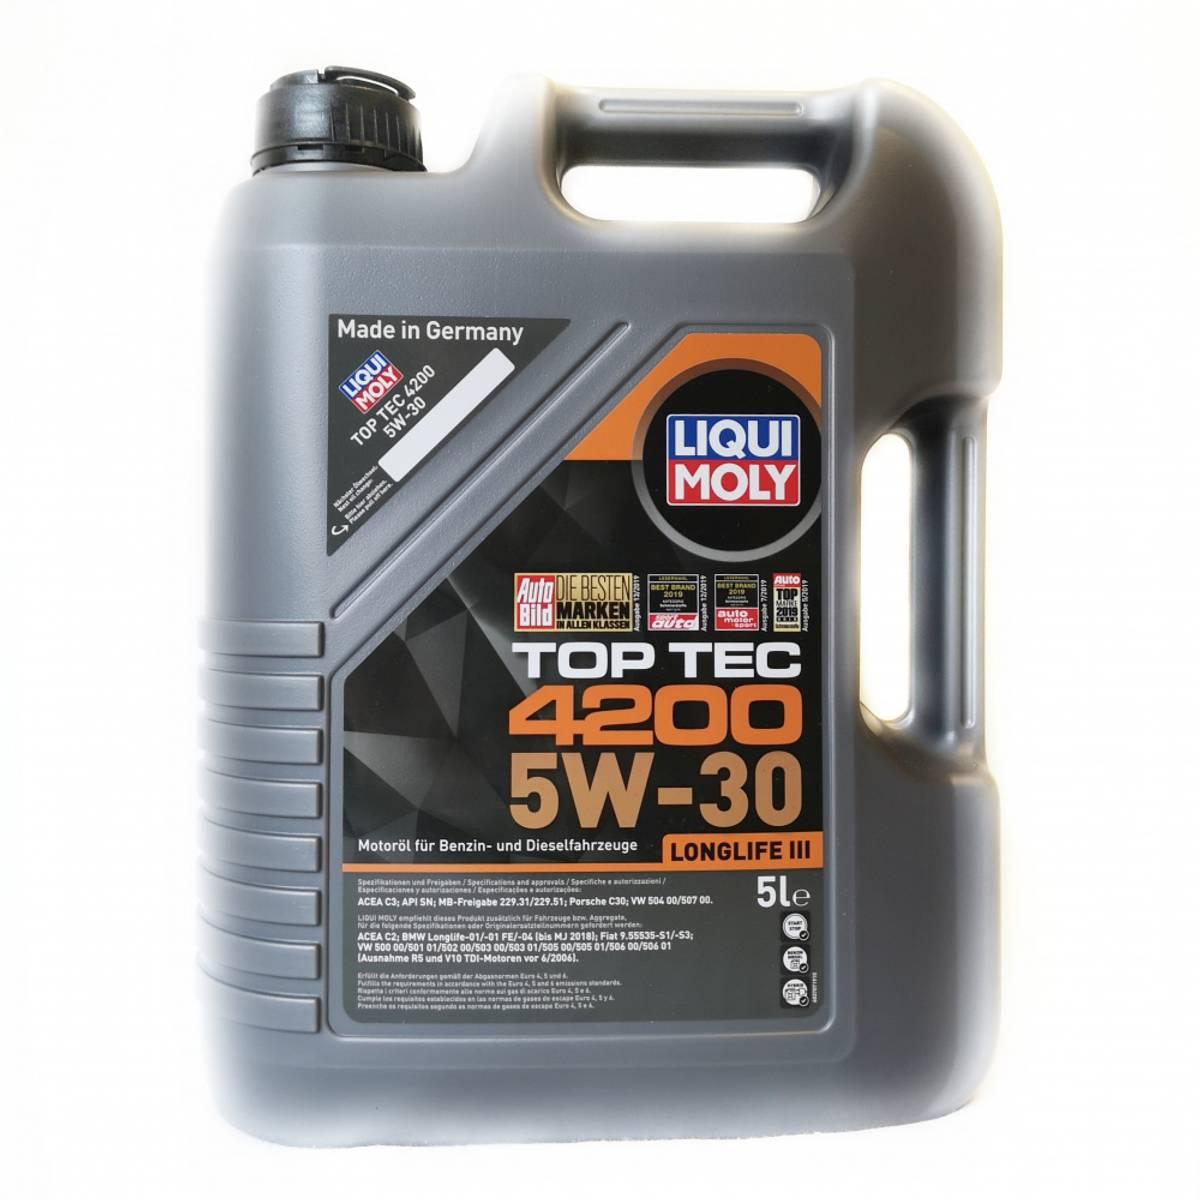 Liqui Moly Top Tec 4200 5W30 C3